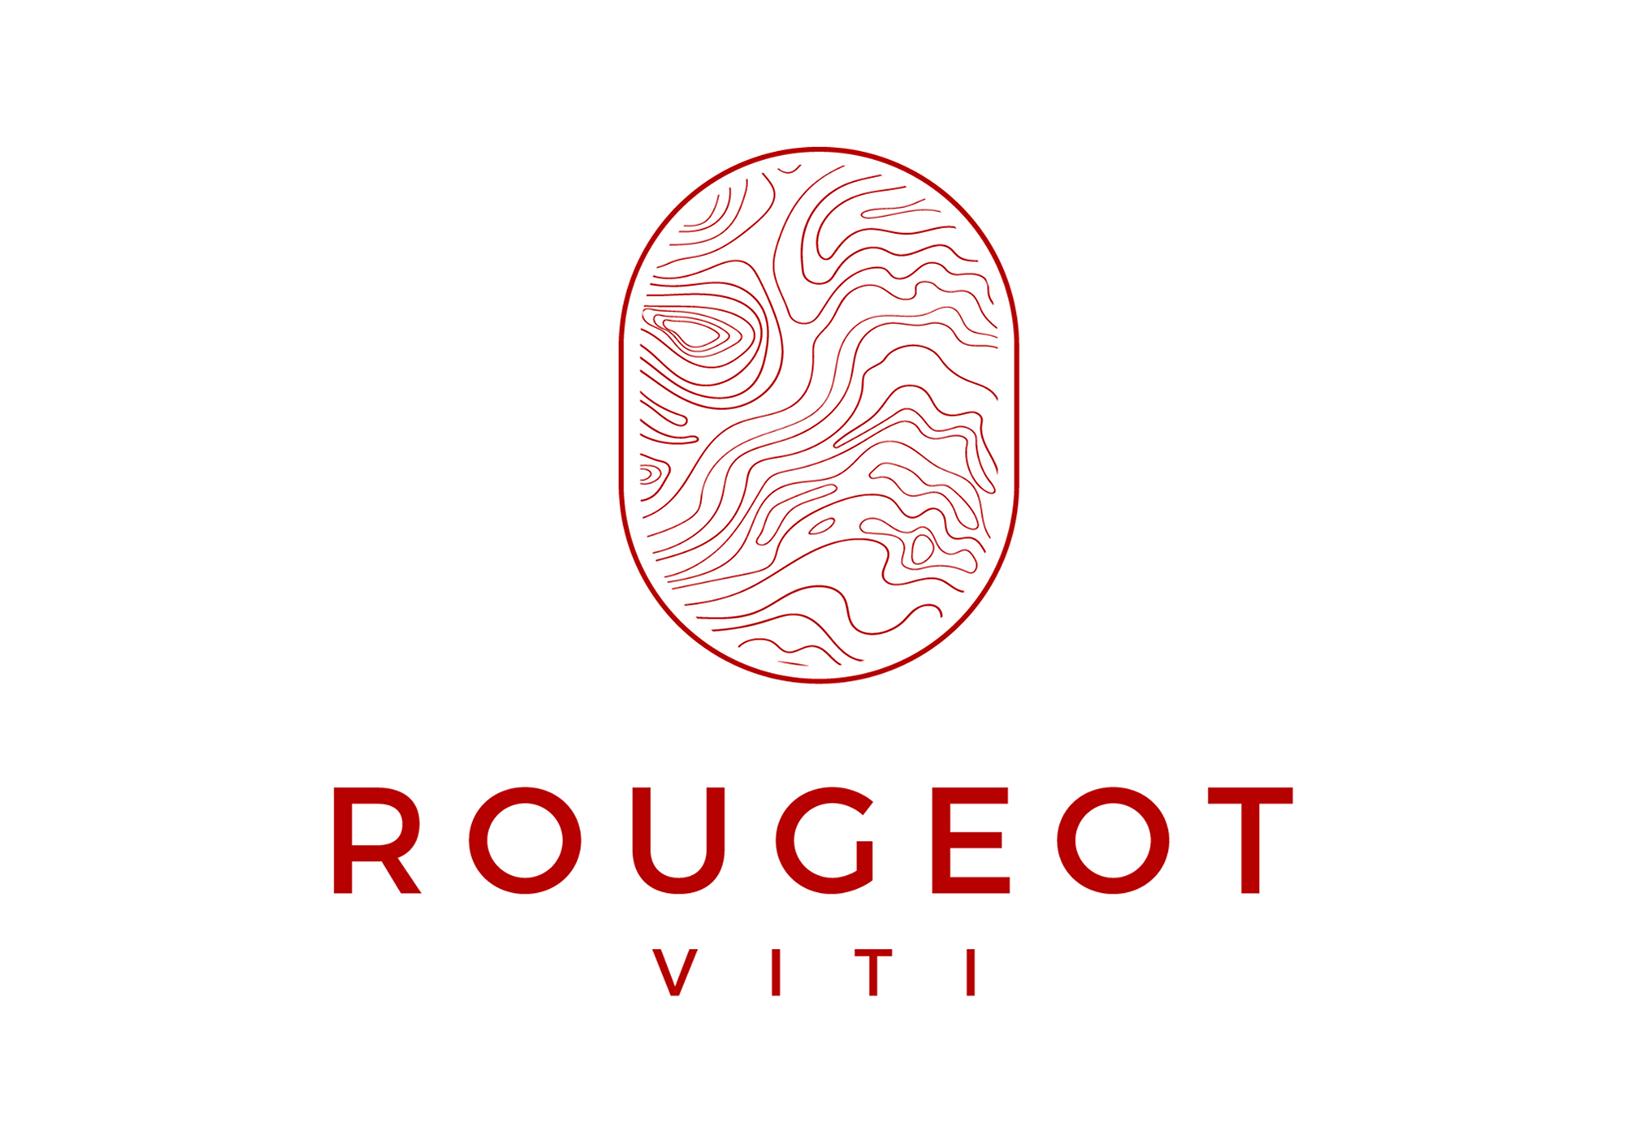 Avec Rougeot Viti, le groupe Rougeot retrouve ses racines viticoles